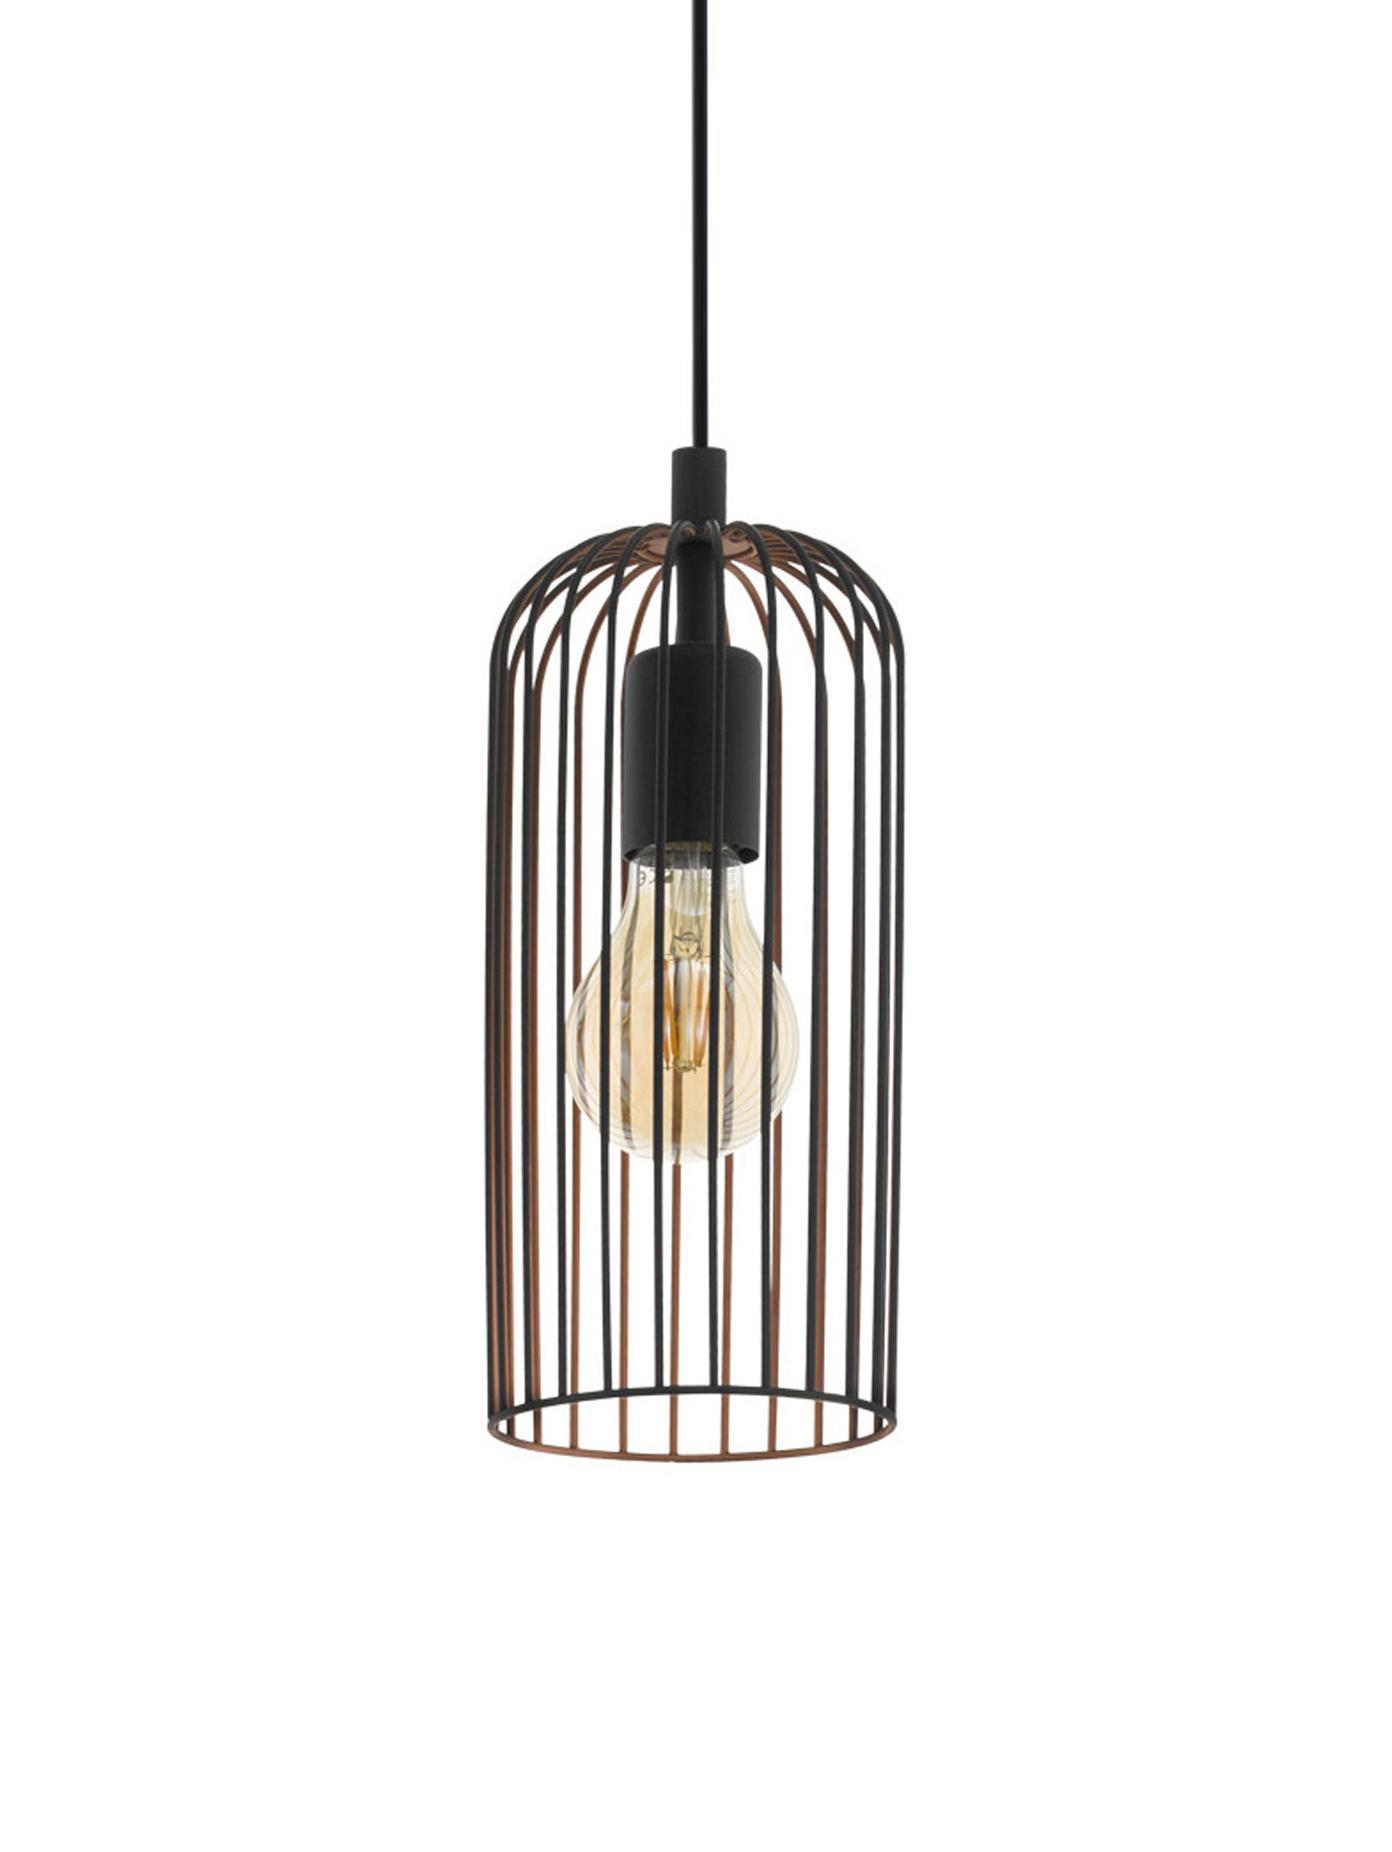 Kleine retro hanglamp Roccamena, Zwart, Ø 13 x H 30 cm